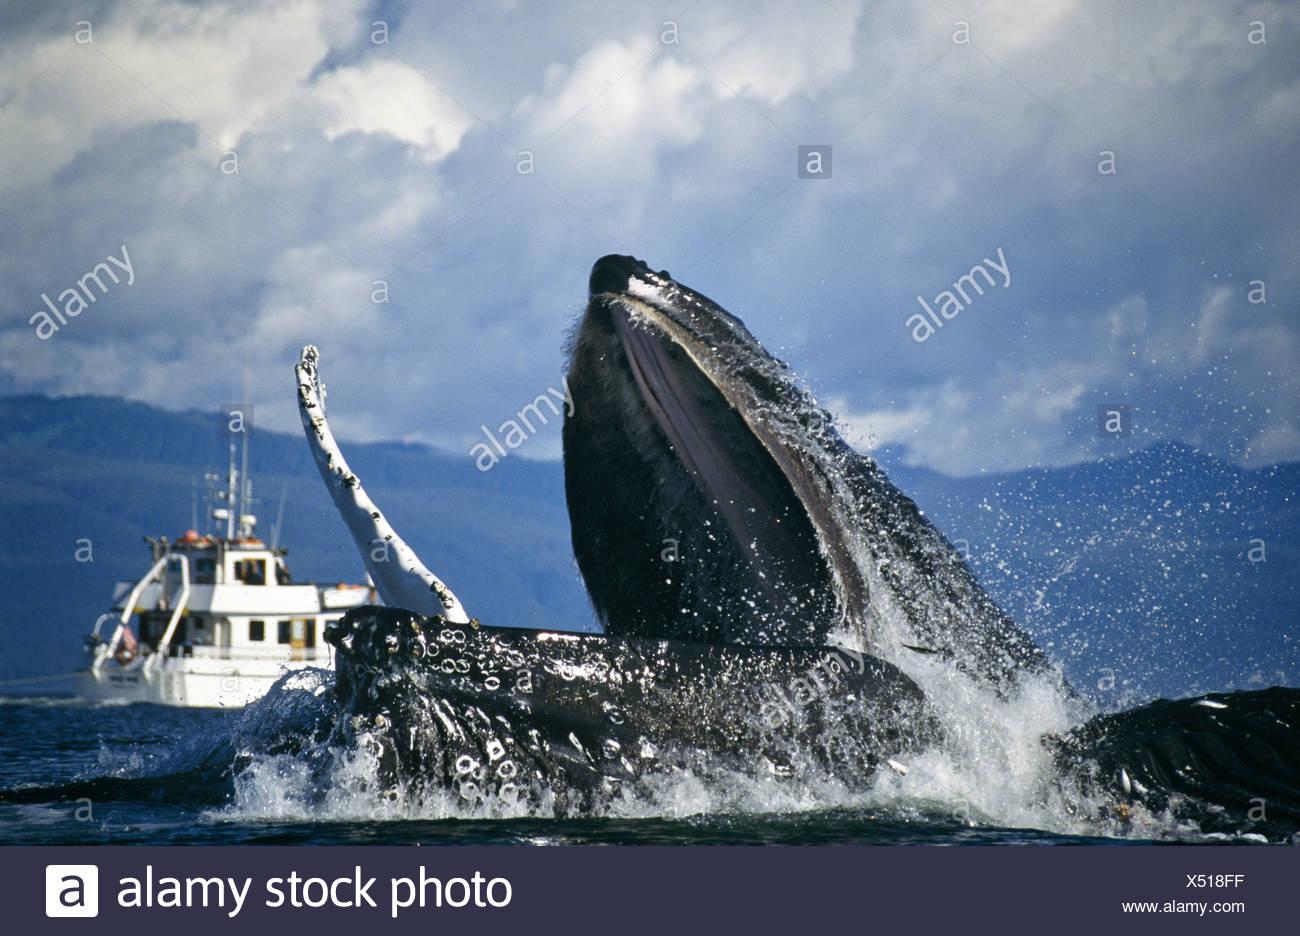 Las ballenas jorobadas bubblenet alimentación, Estrecho de Chatham, al sureste. Alaska Foto de stock